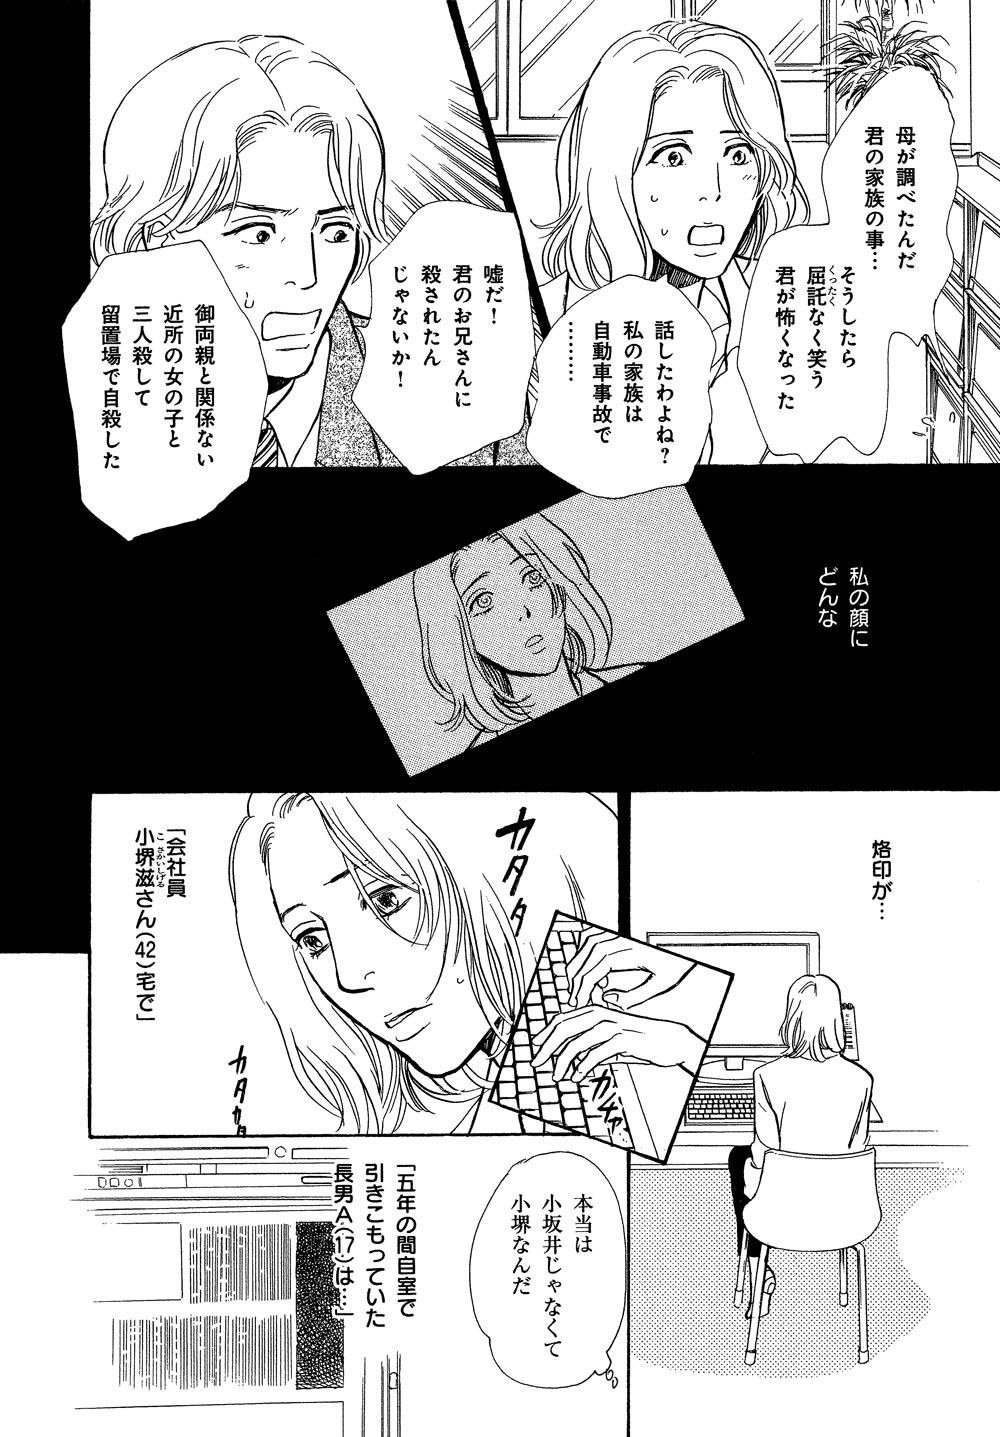 hyakki_0020_0038.jpg